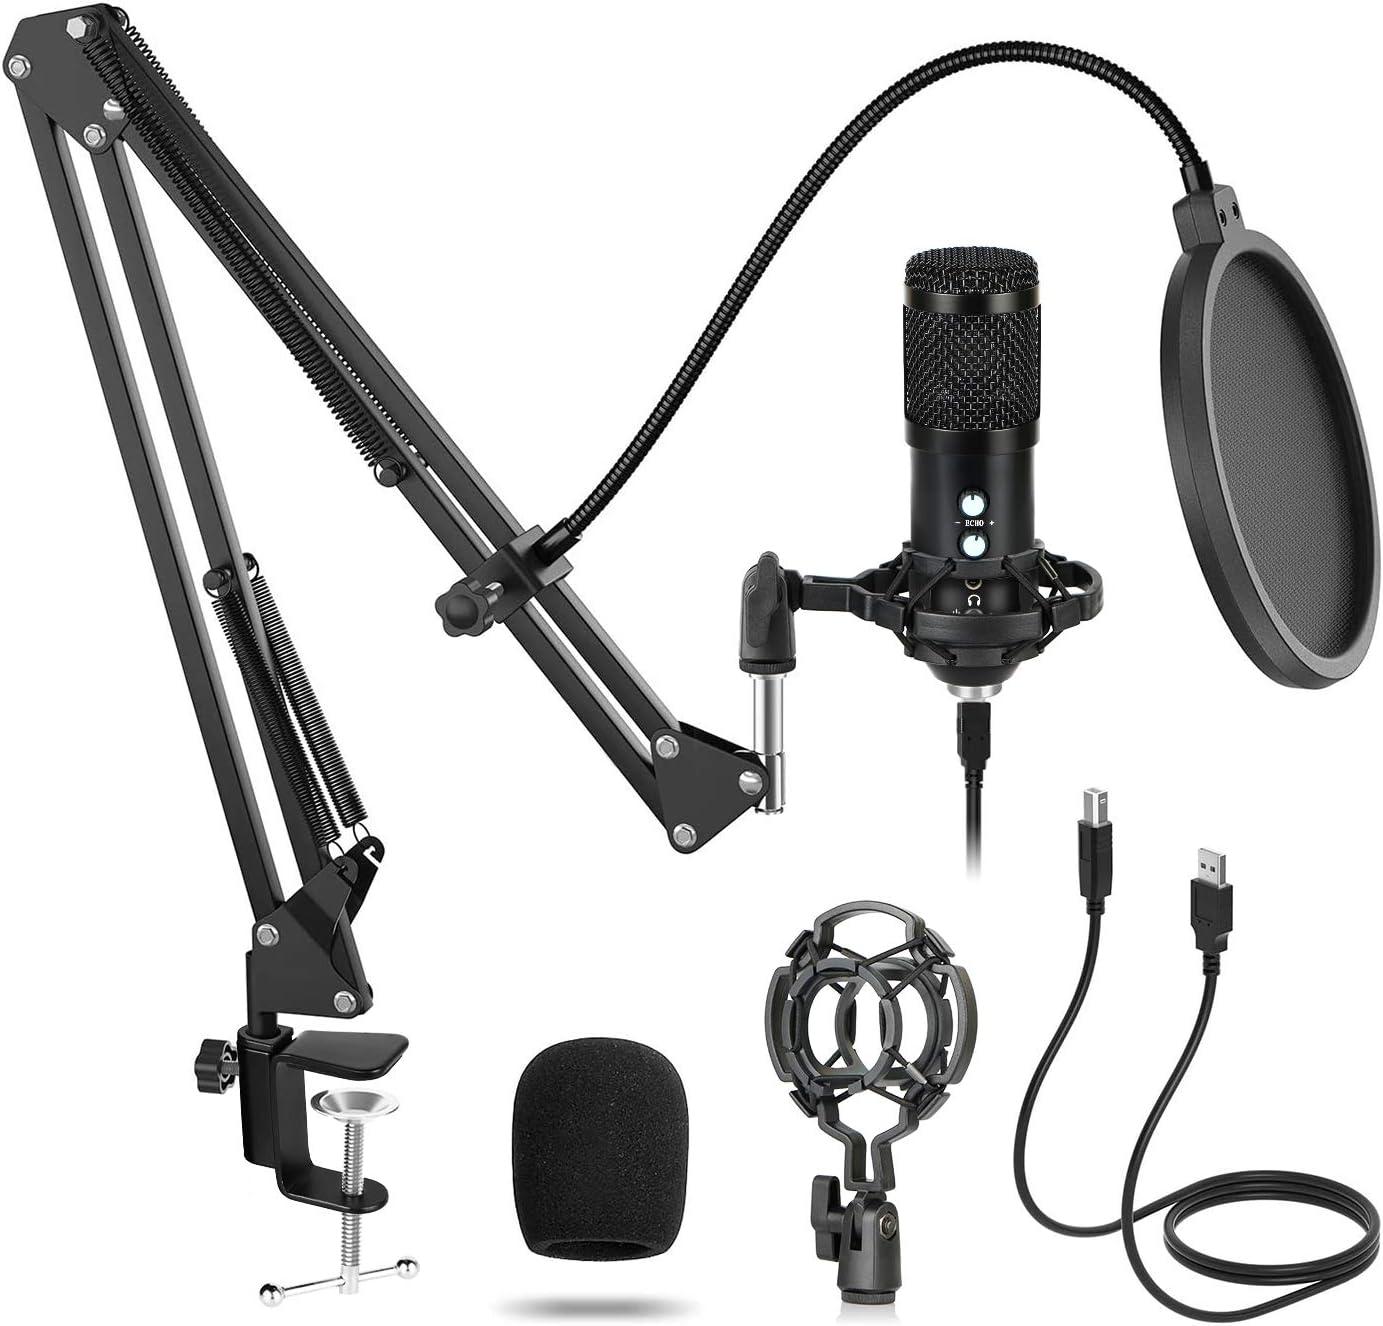 USB Micrófono de Condensador Grabación Kit 192KHz/24bit Plug and Play Cardioide Micrófono Sucastle para PCPodcast Estudio con Soporte de Micrófono Ajustable Montura de Choque y Filtro Anti-Pop Negro: Amazon.es: Instrumentos musicales